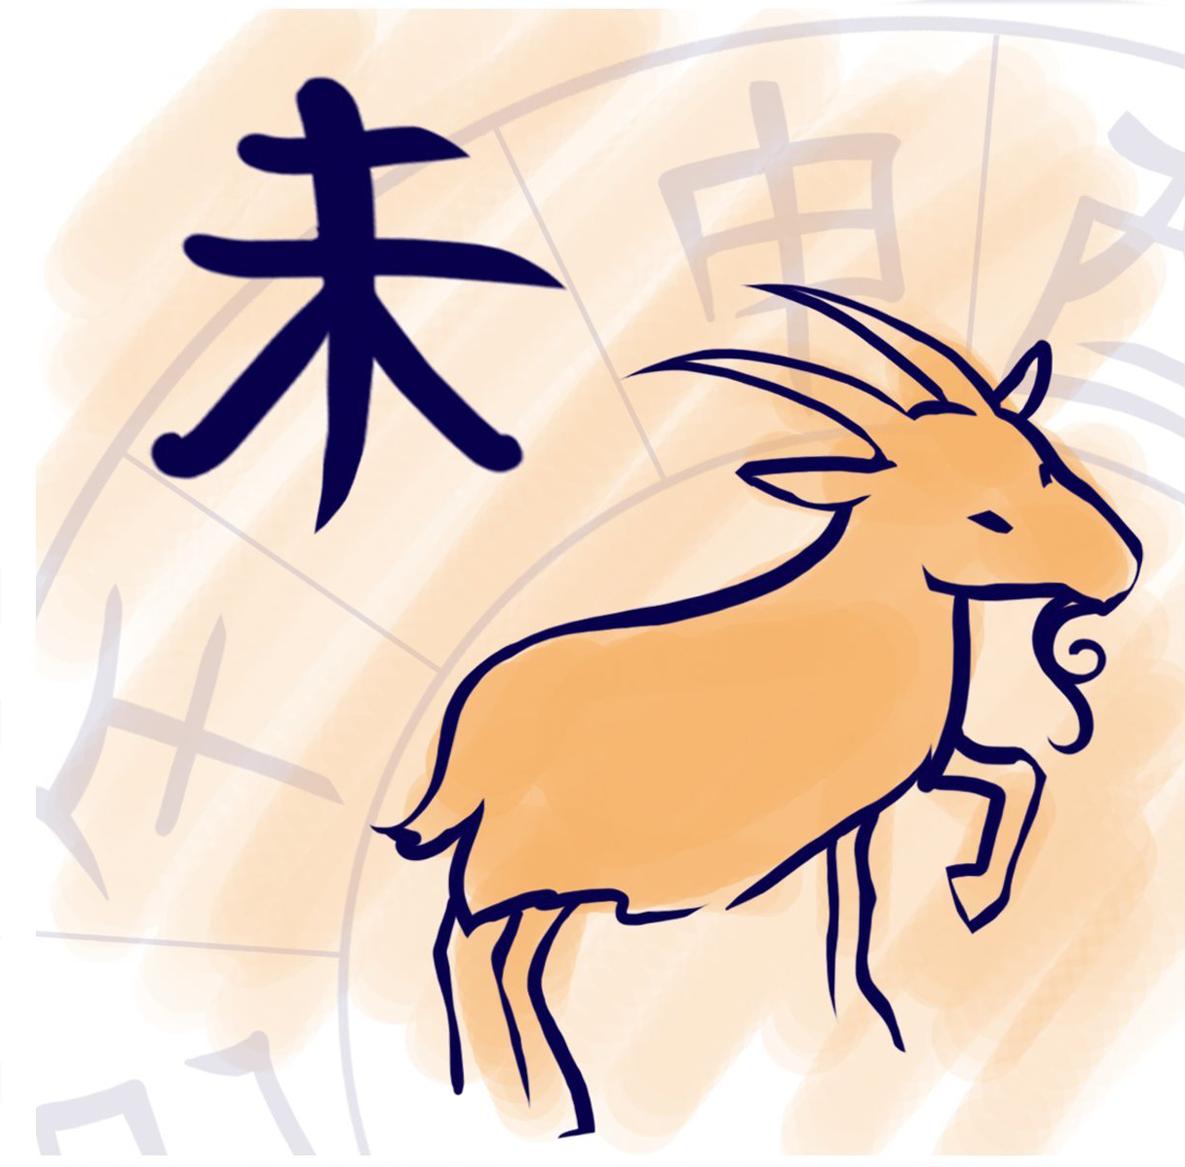 Кто родился под знаком козы